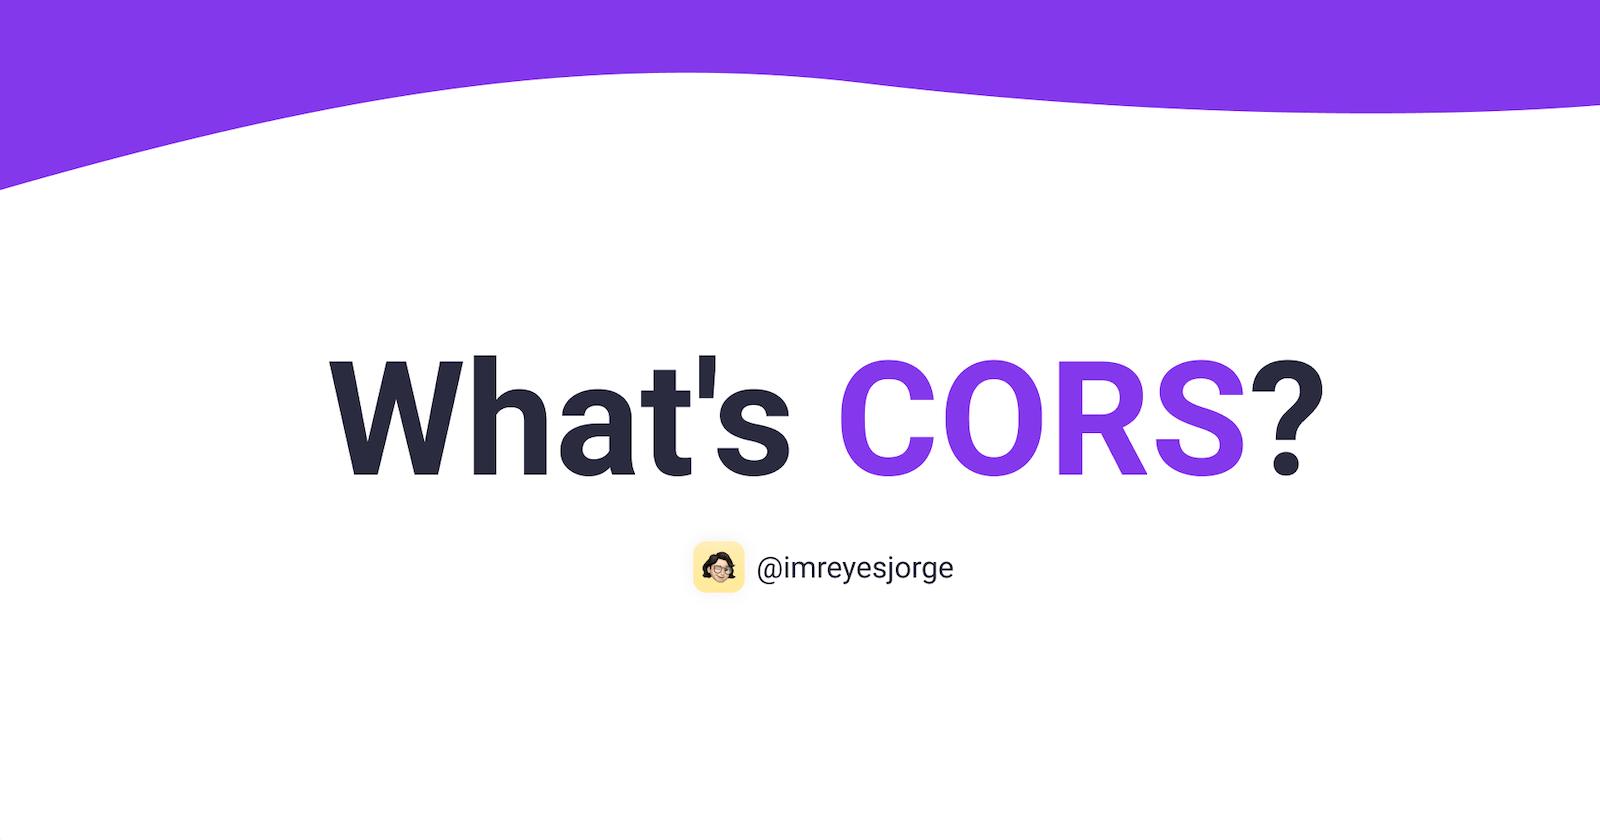 What's CORS (Cross-Origin Resource Sharing)?